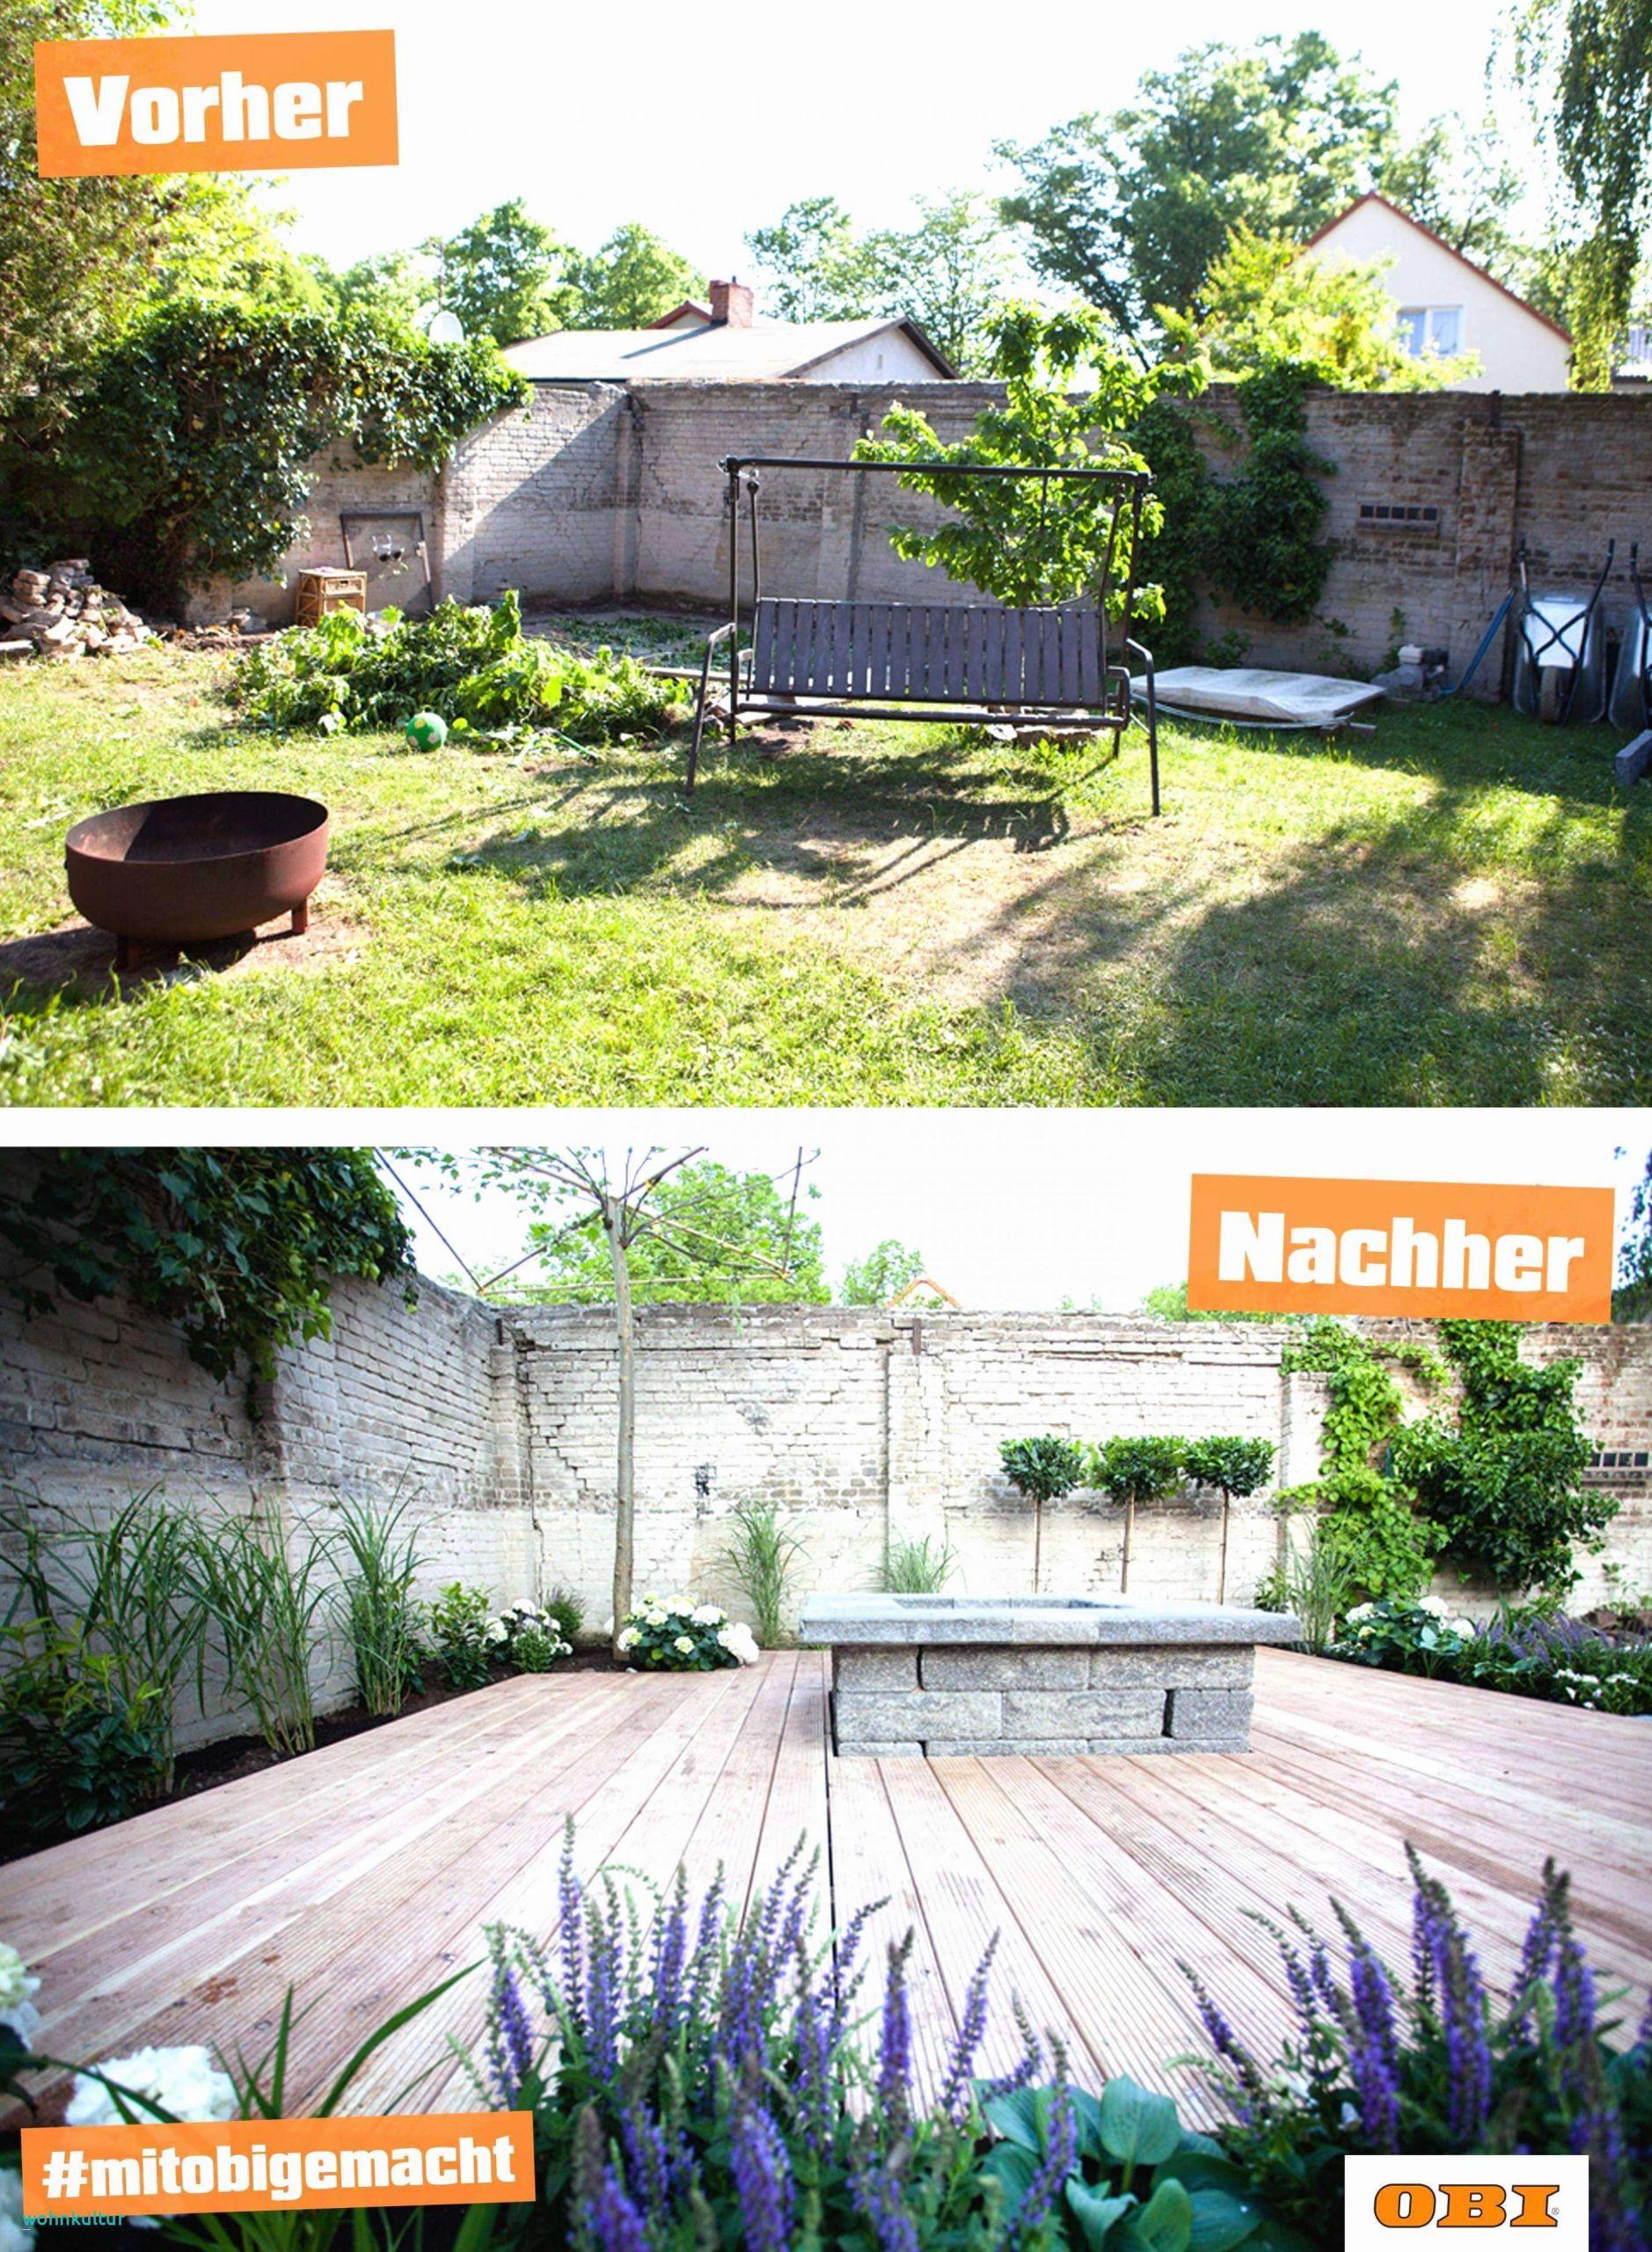 42 elegant kleine gartenecken gestalten stock kleiner reihenhausgarten gestalten kleiner reihenhausgarten gestalten